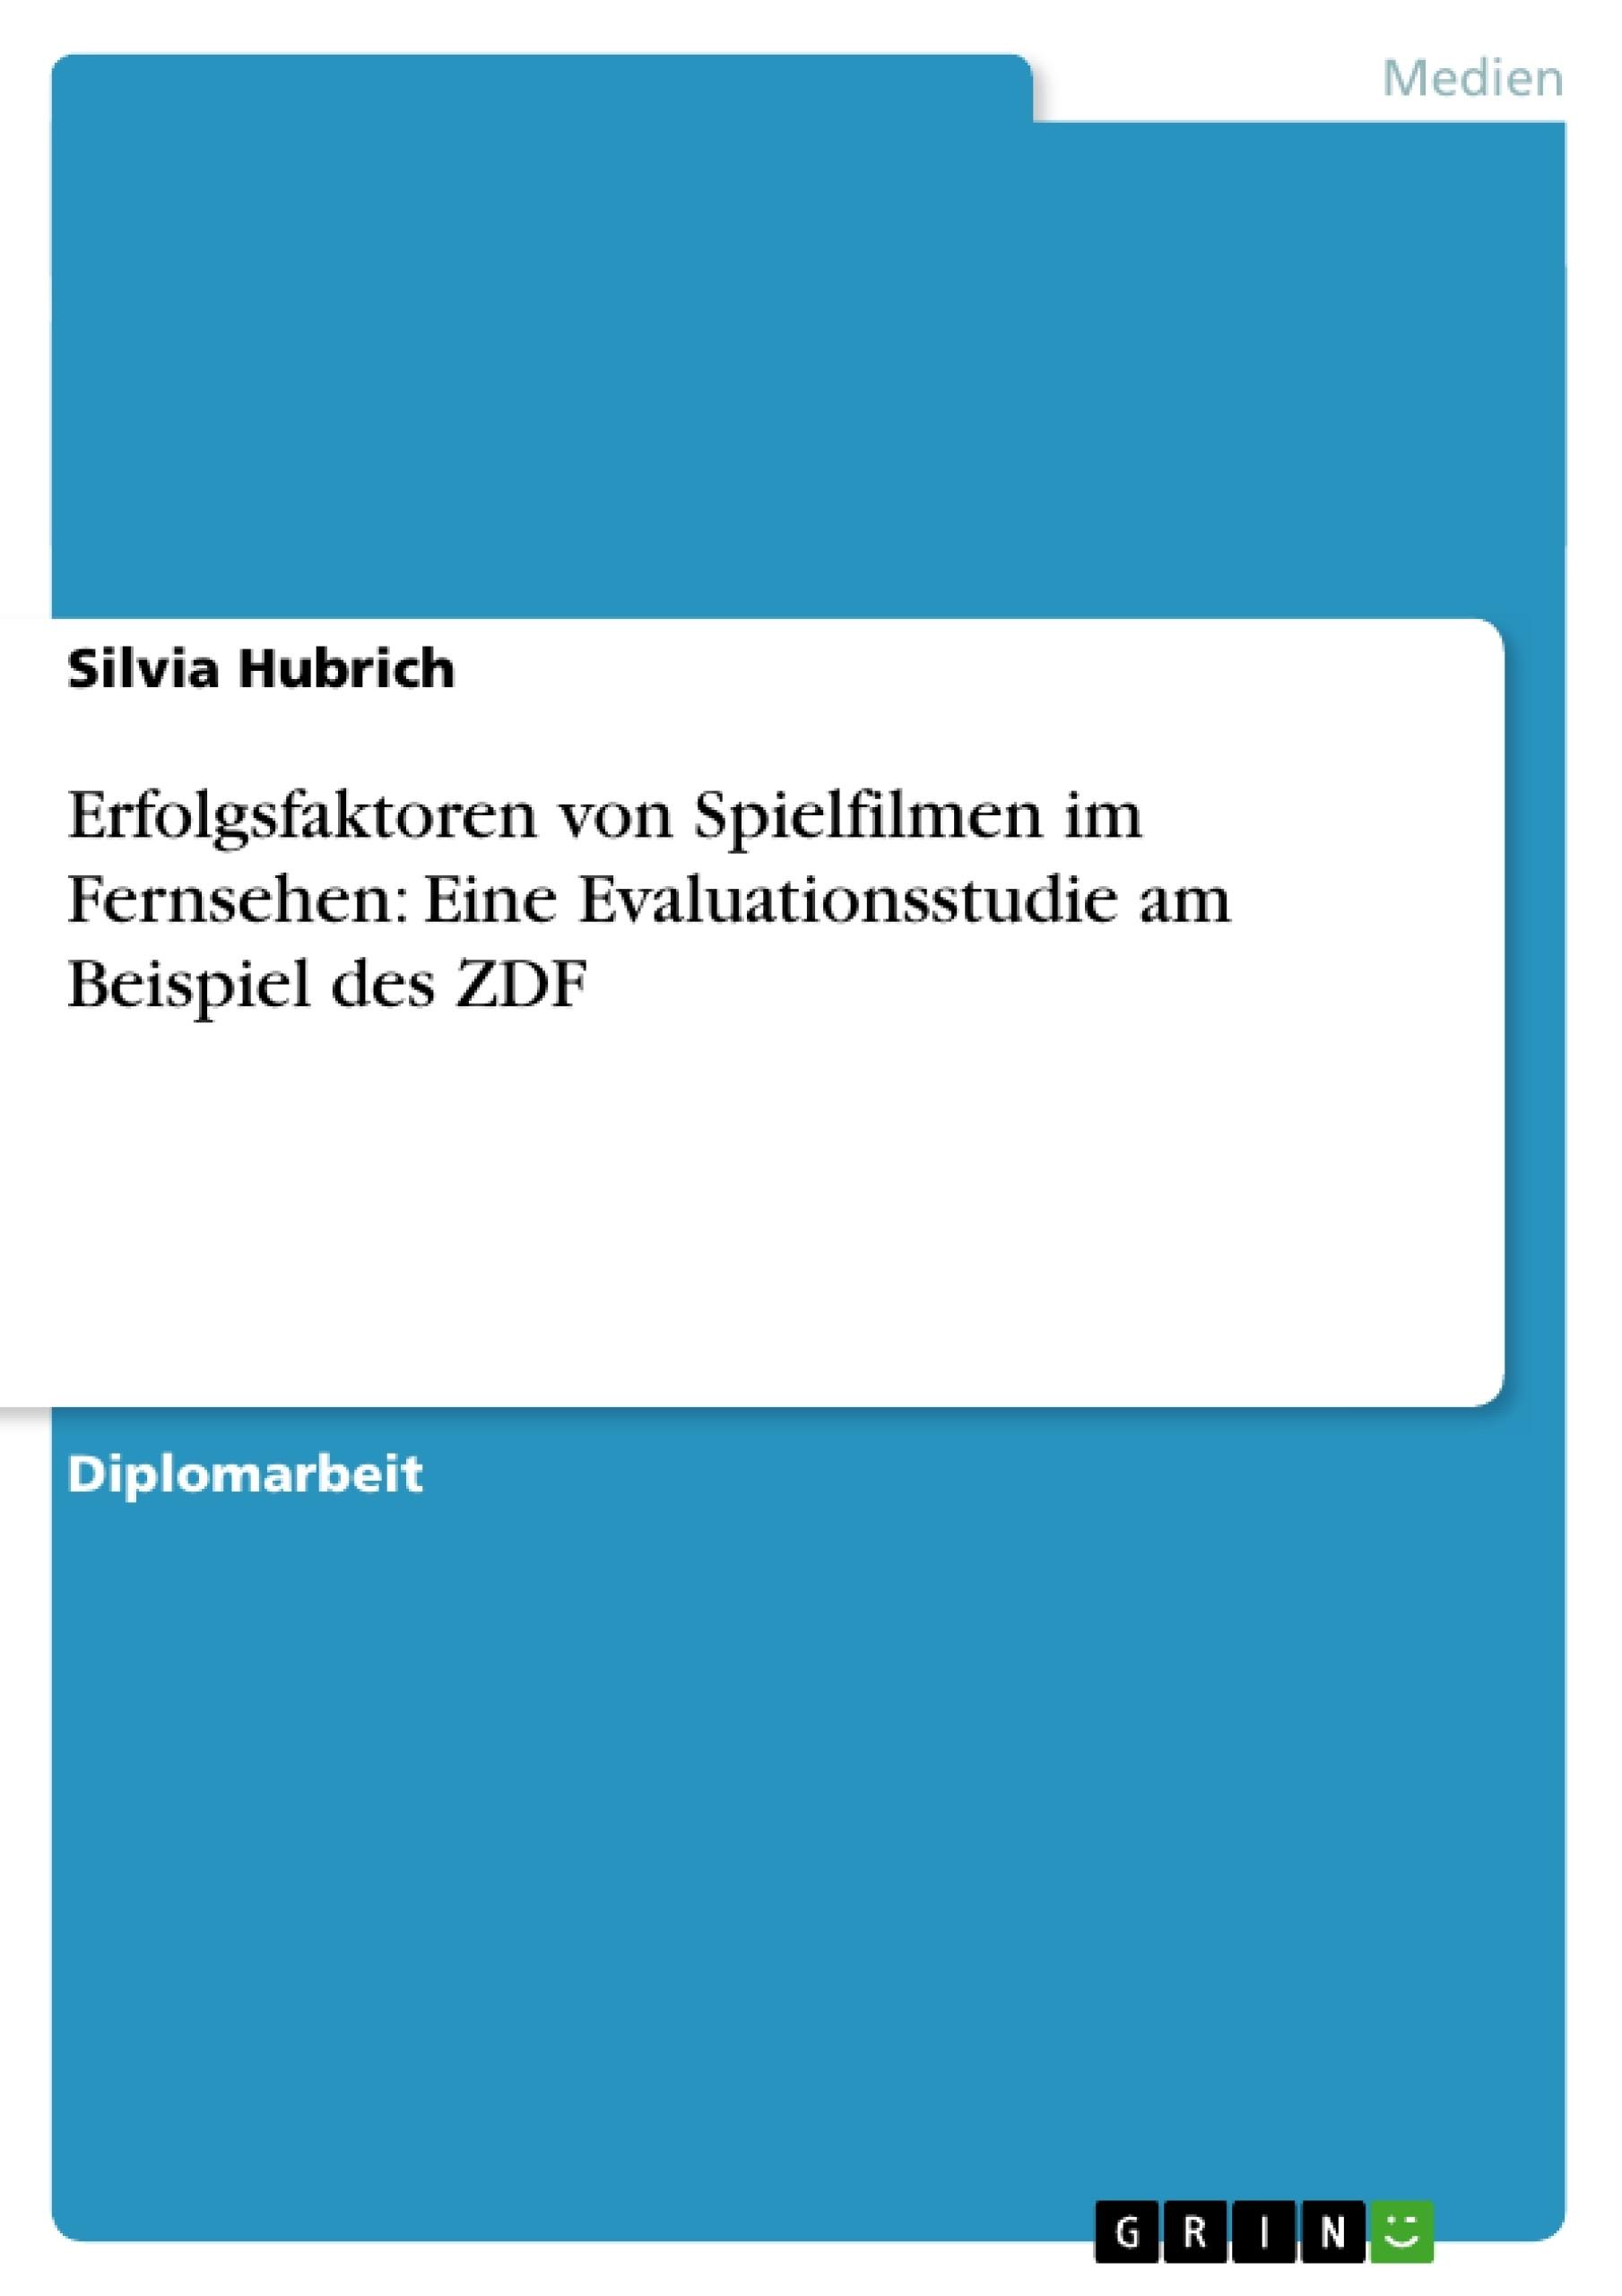 Titel: Erfolgsfaktoren von Spielfilmen im Fernsehen: Eine Evaluationsstudie am Beispiel des ZDF